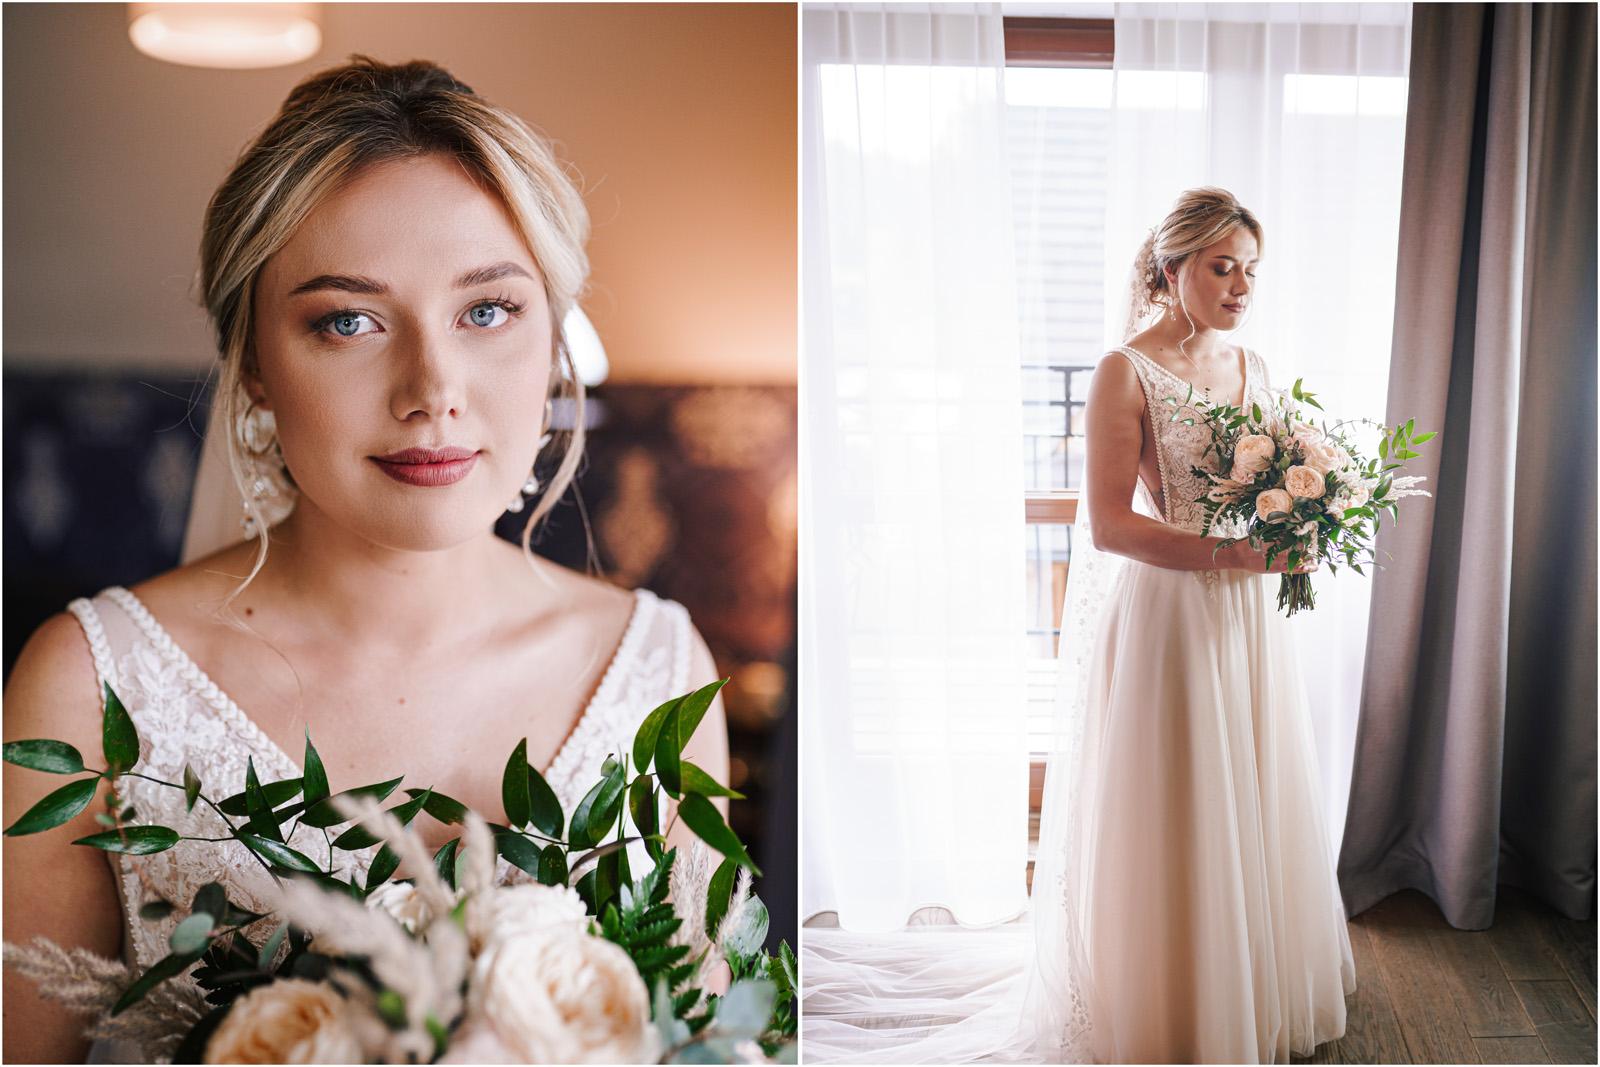 Amanda & Błażej | ślub i sesja w górach 8